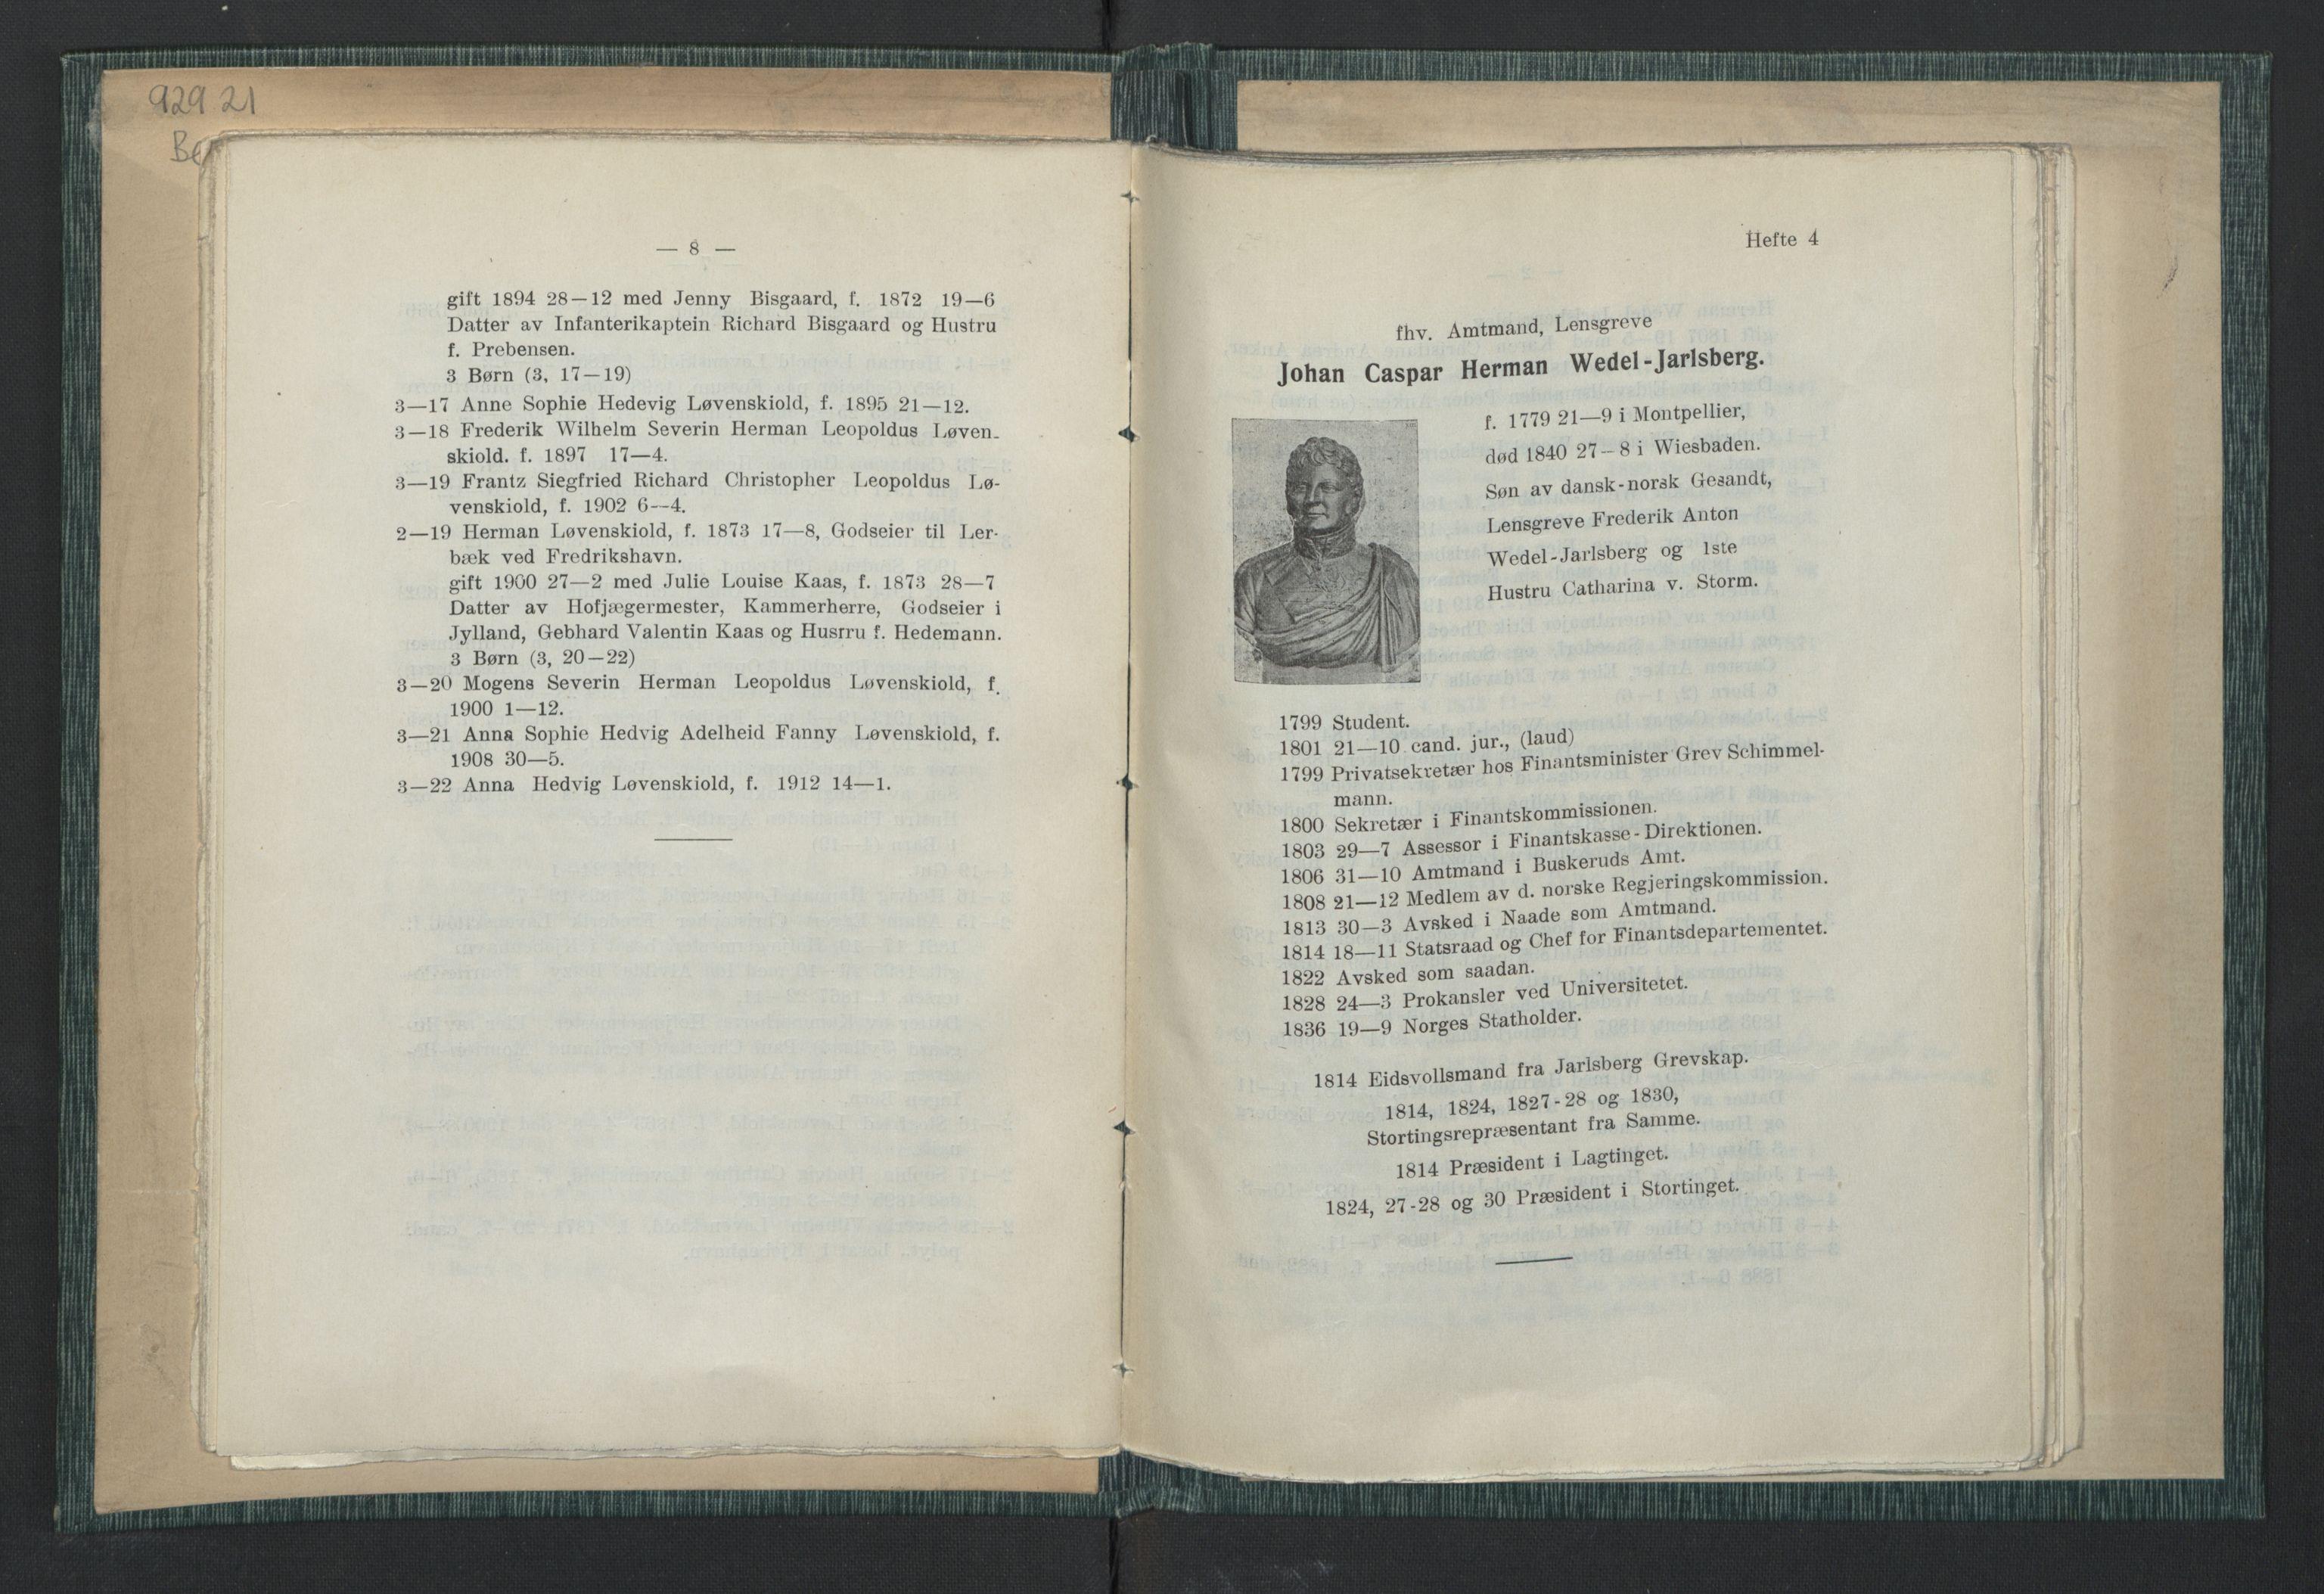 RA, Publikasjoner*, 1914, s. 17